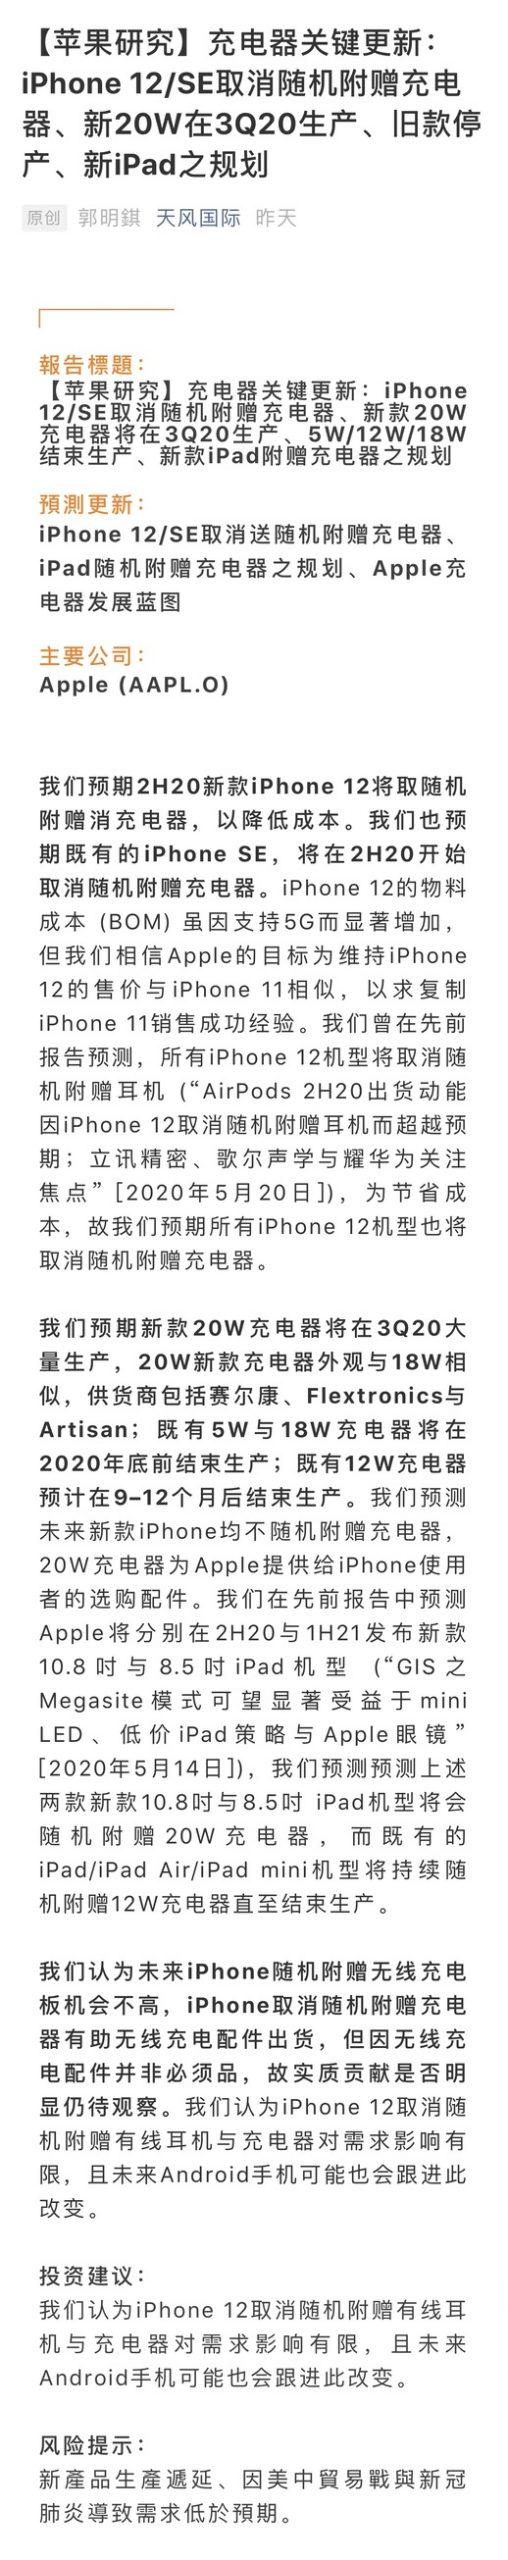 最强苹果分析师郭明錤:iPhone 12将取消附赠充电器及耳机